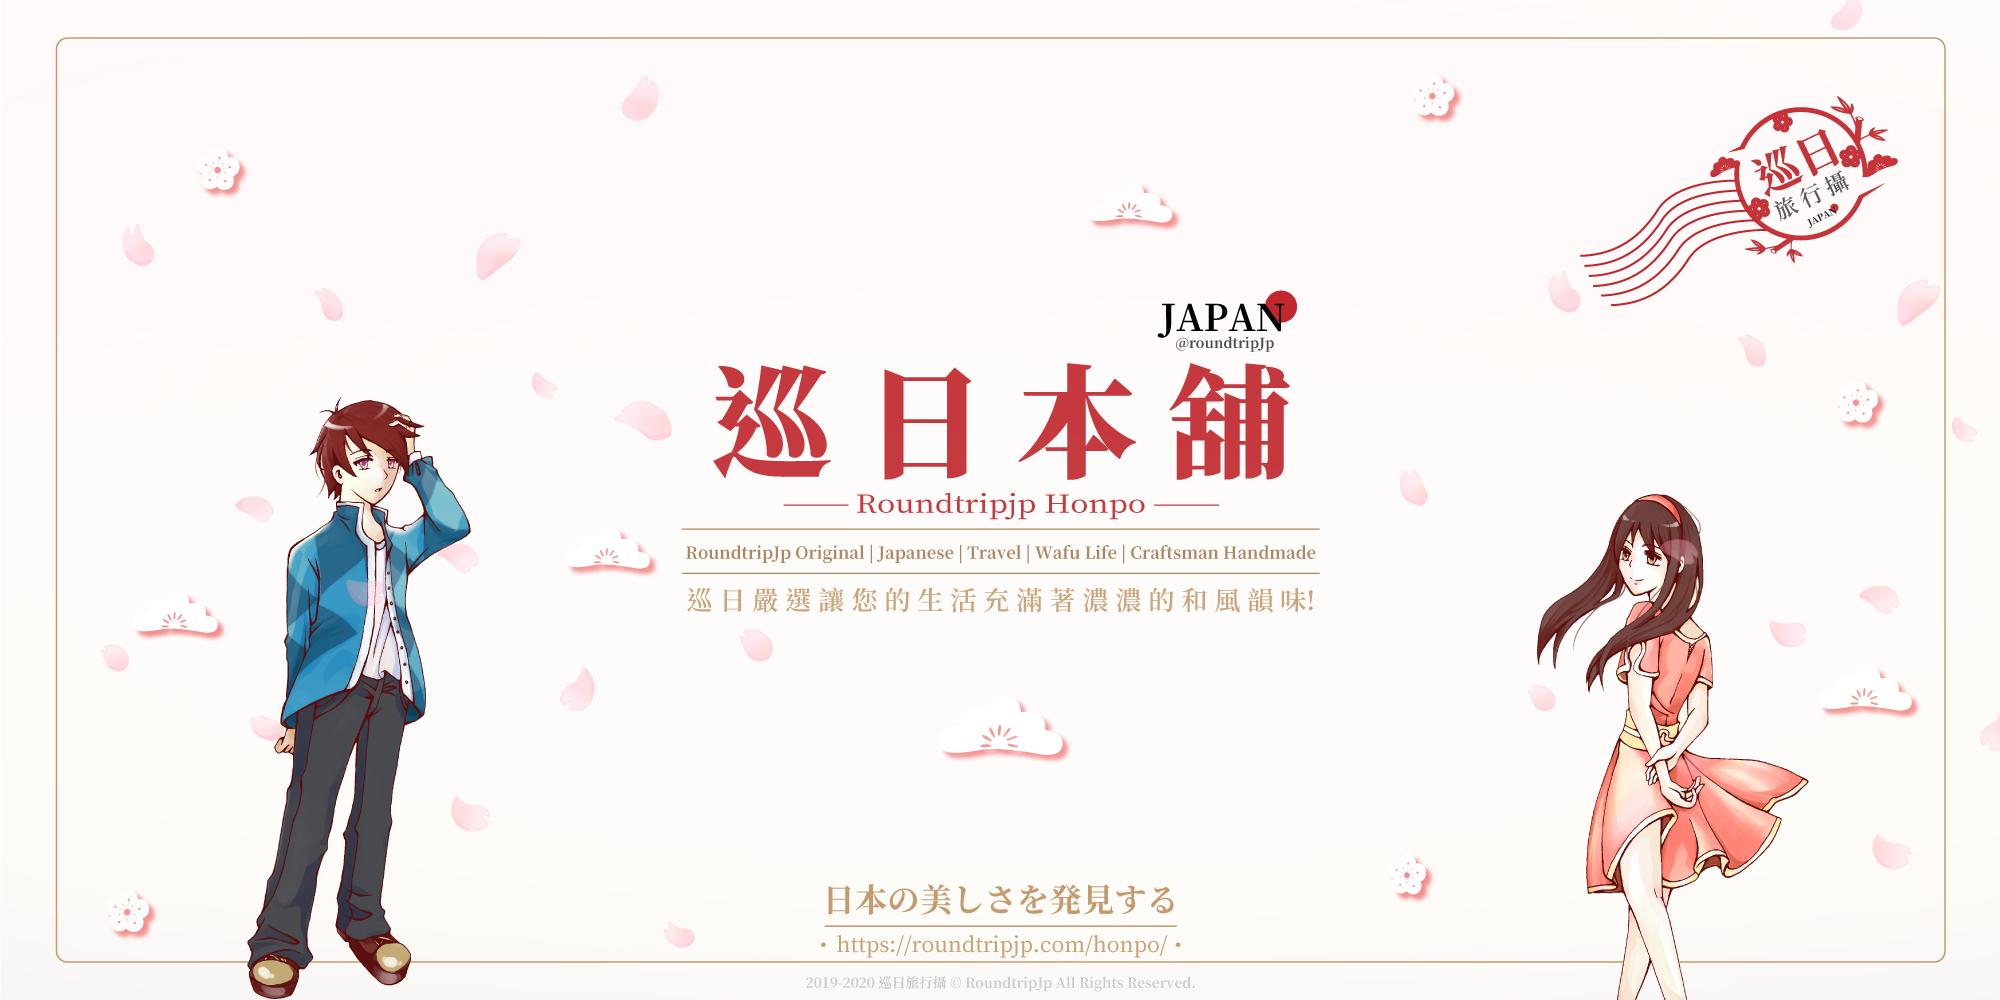 巡日本舖 | RoundtripJp Honpo | 巡日嚴選讓您的生活充滿著濃濃的和風韻味!